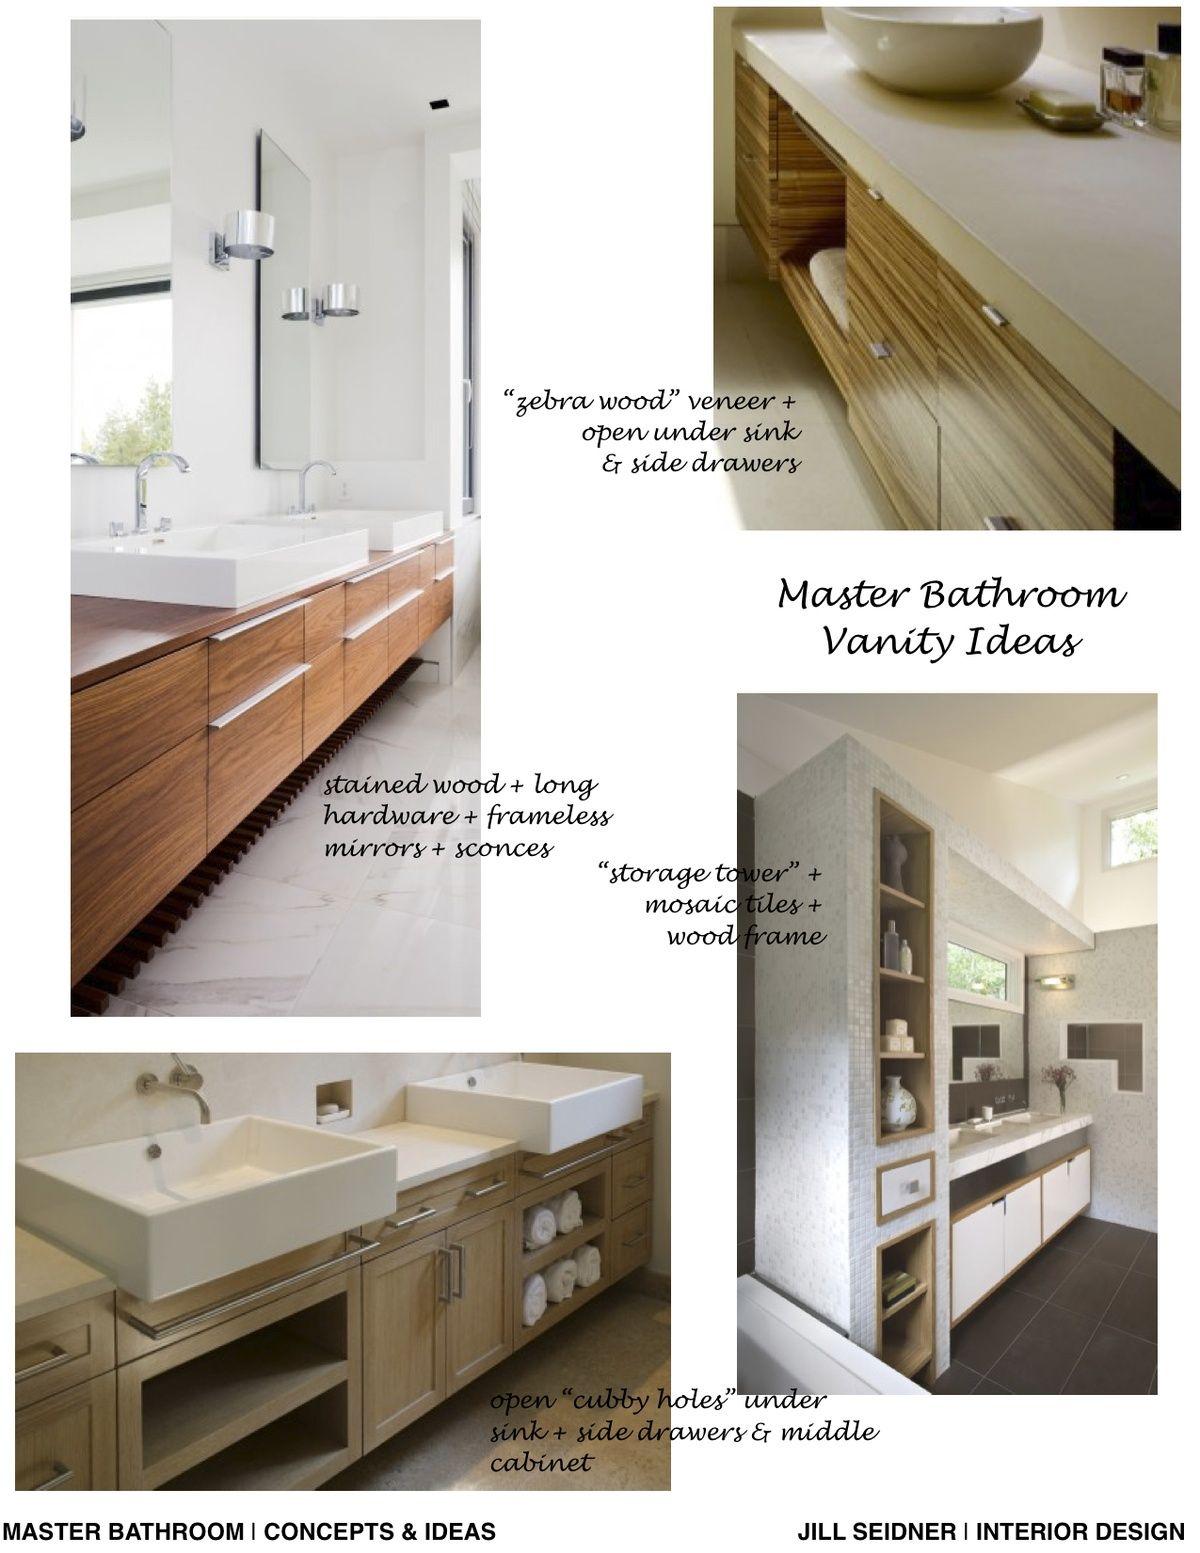 dcd10ec2a209bd25c0b44e95d949905d.jpg 1,200×1,553 pixels | Bathroom ...